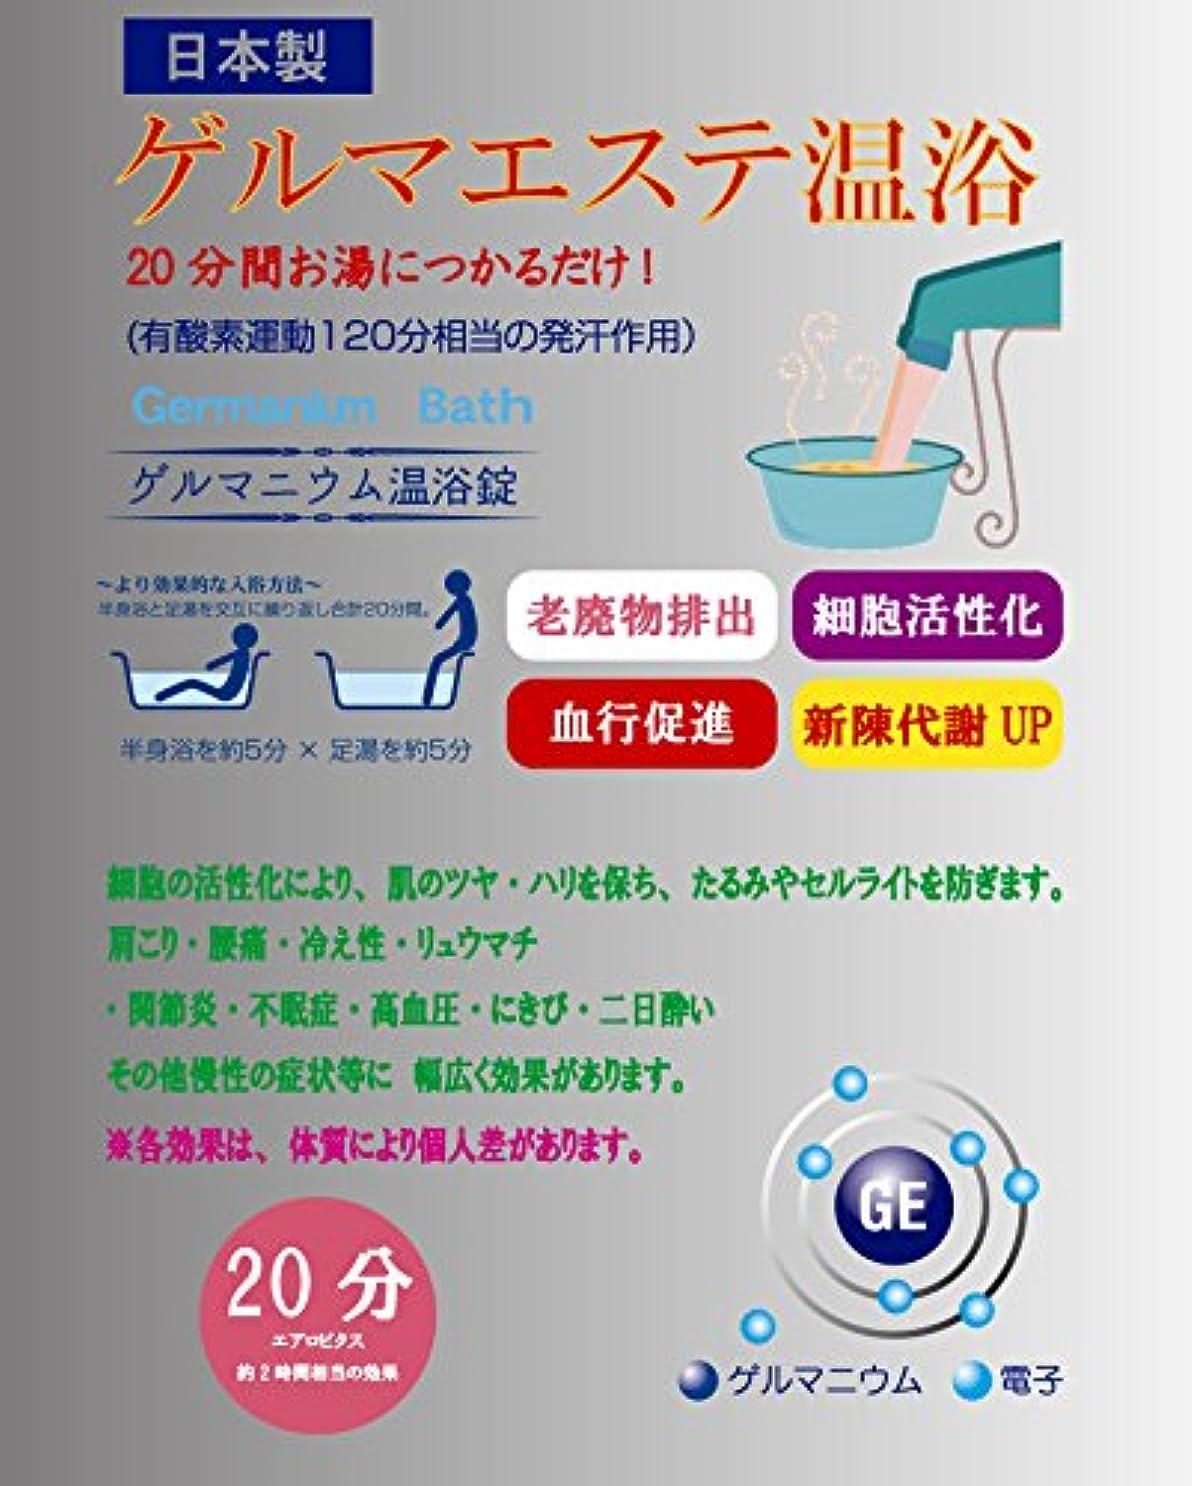 満たすセットアップ潤滑する日本製 ゲルマニウム温浴錠 6錠入り ゲルマエステ ゲルマニウム入浴